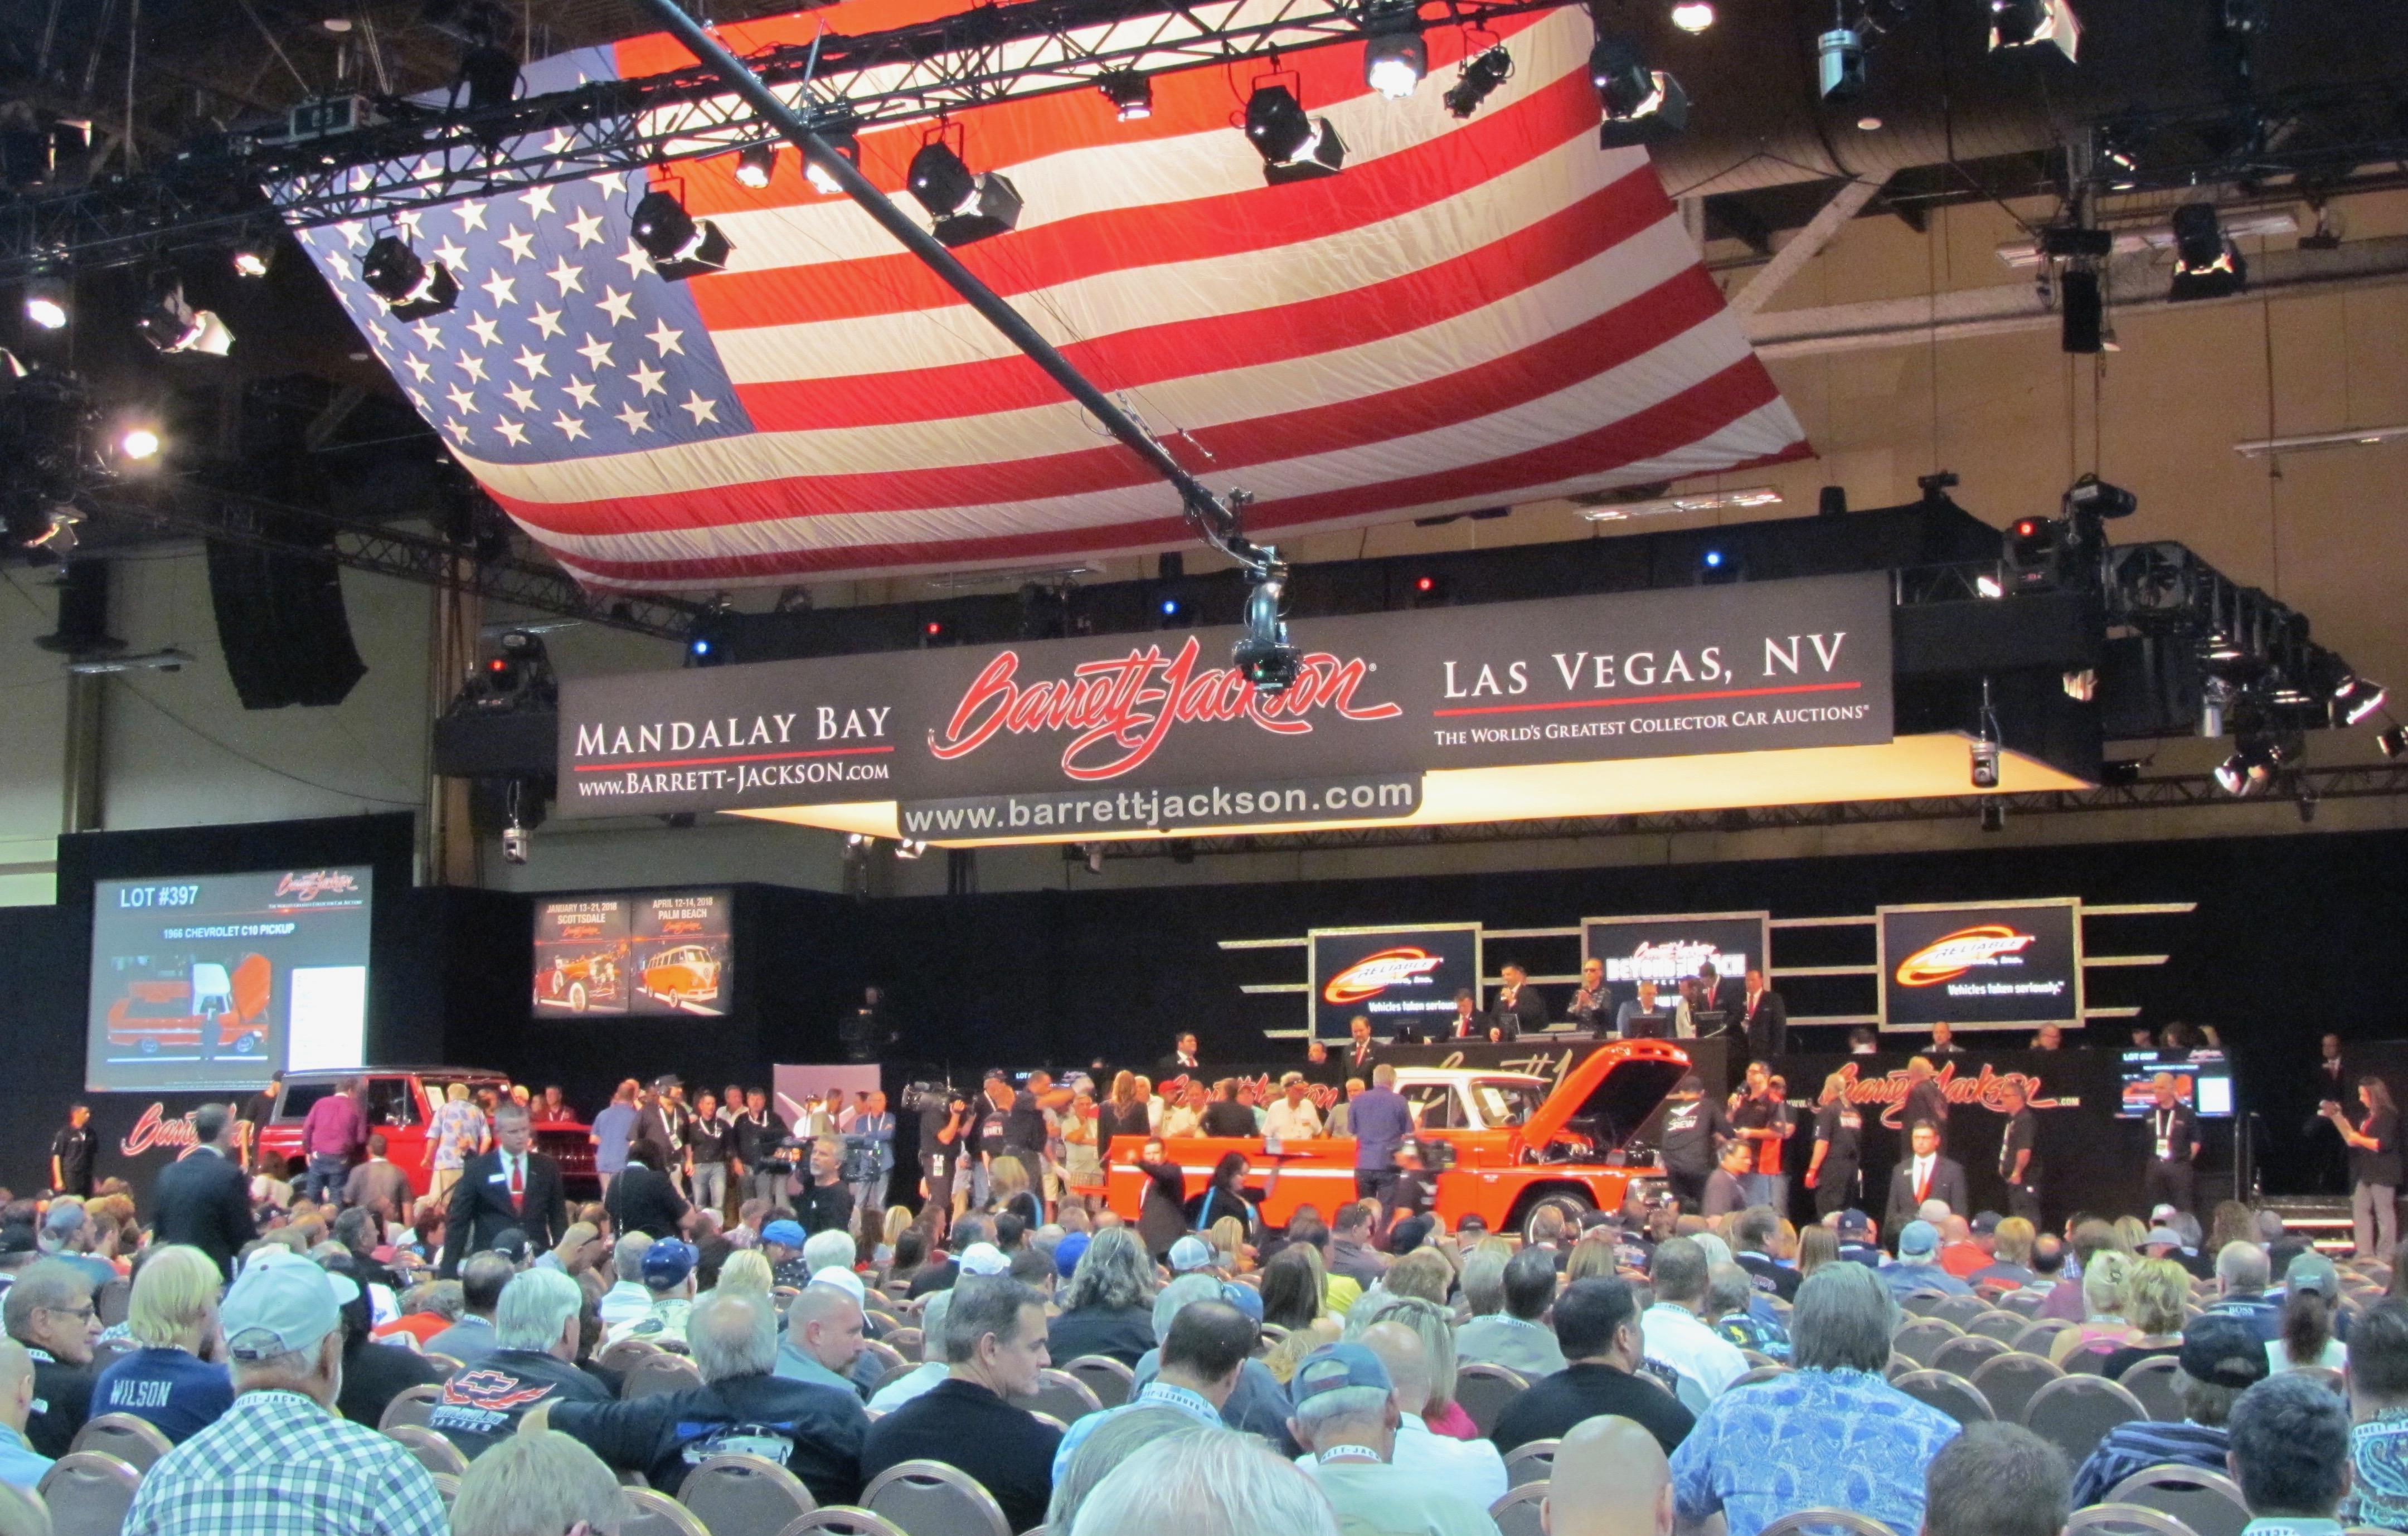 Las Vegas emerges as a major auction venue | ClassicCars.com Journal